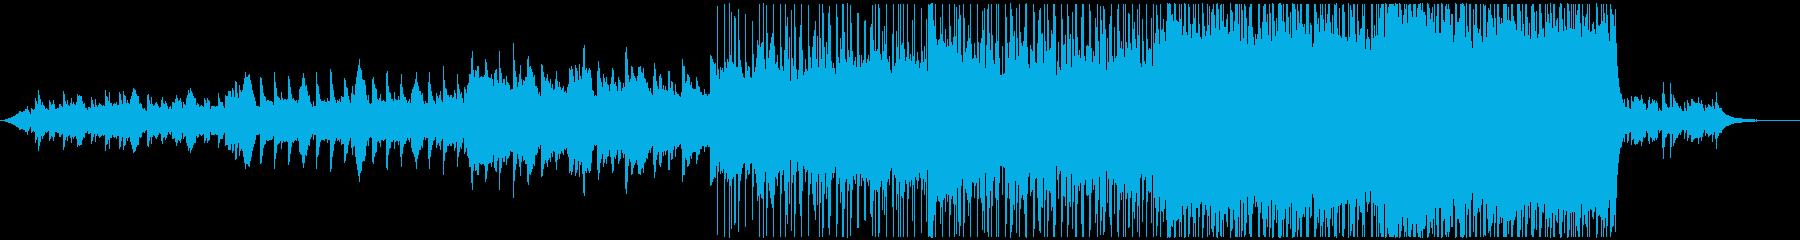 ティーン ポップ テクノ 代替案 ...の再生済みの波形